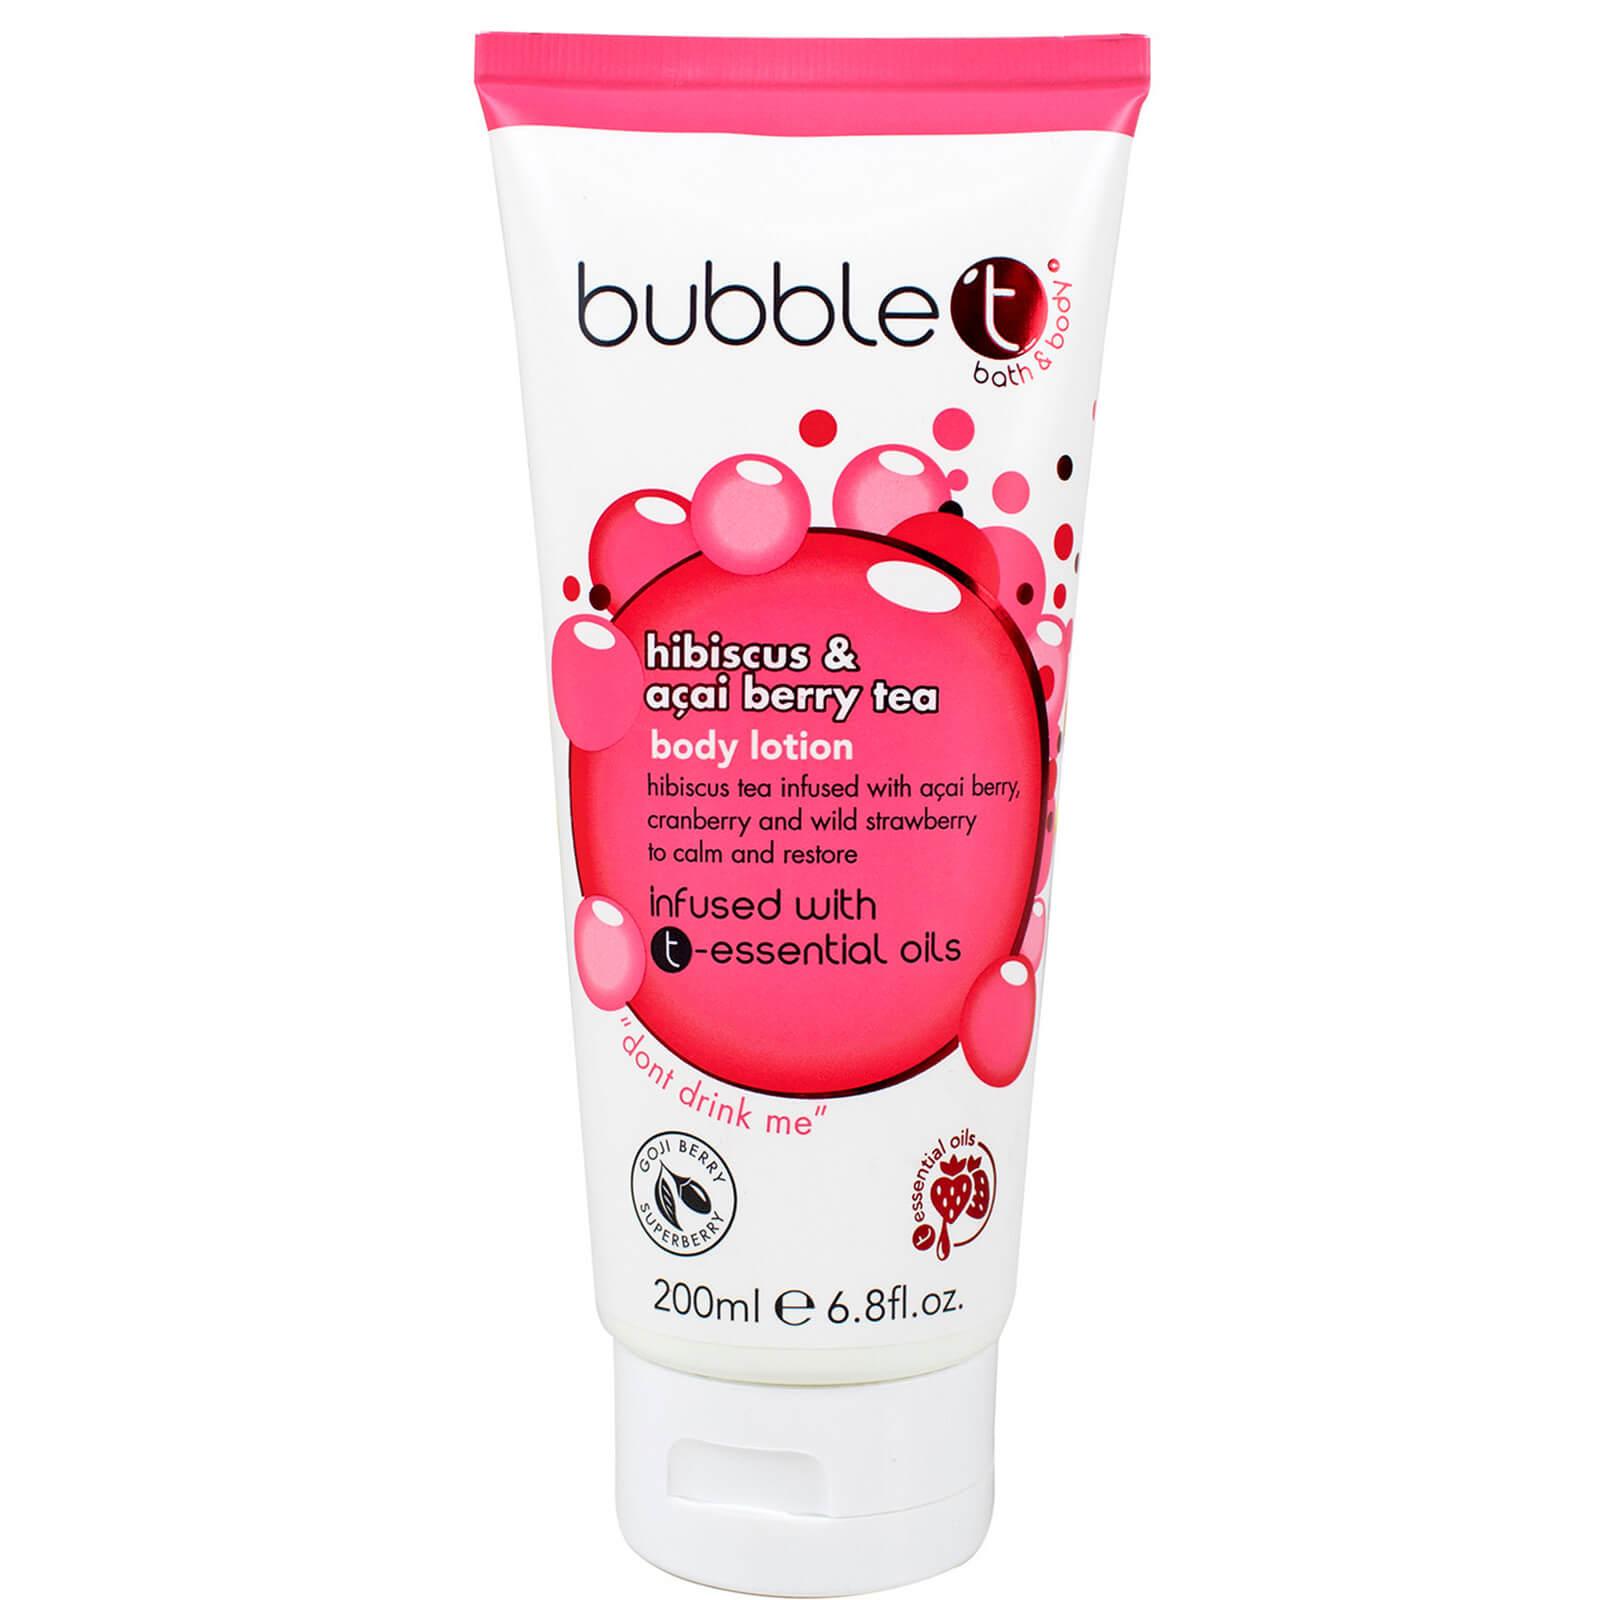 Купить Лосьон для тела с ароматом чая из гибискуса и ягод асаи Bubble T Hibiscus and Acai Berry Tea Body Lotion (200мл)